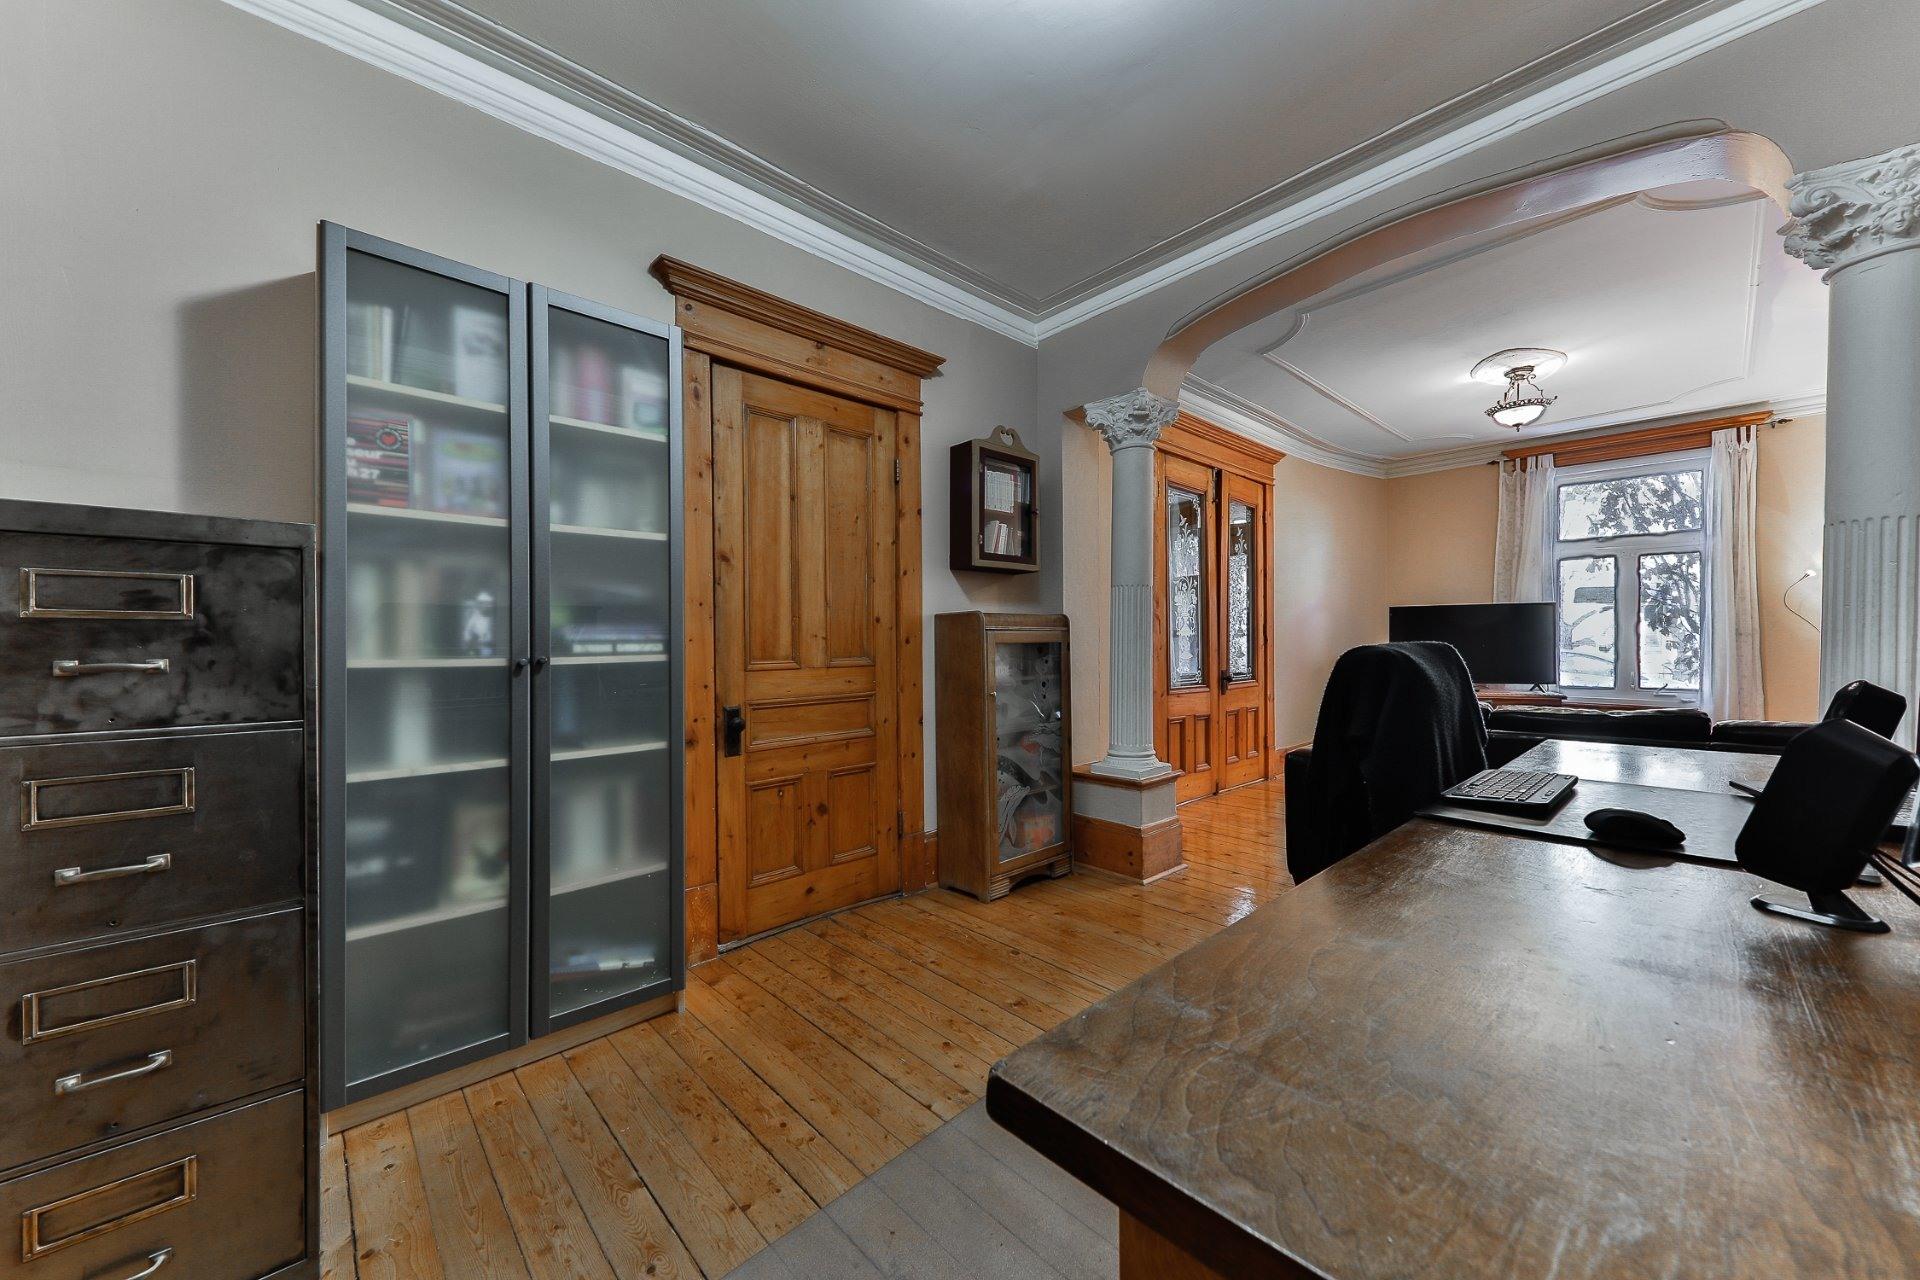 image 14 - Appartement À vendre Le Plateau-Mont-Royal Montréal  - 8 pièces